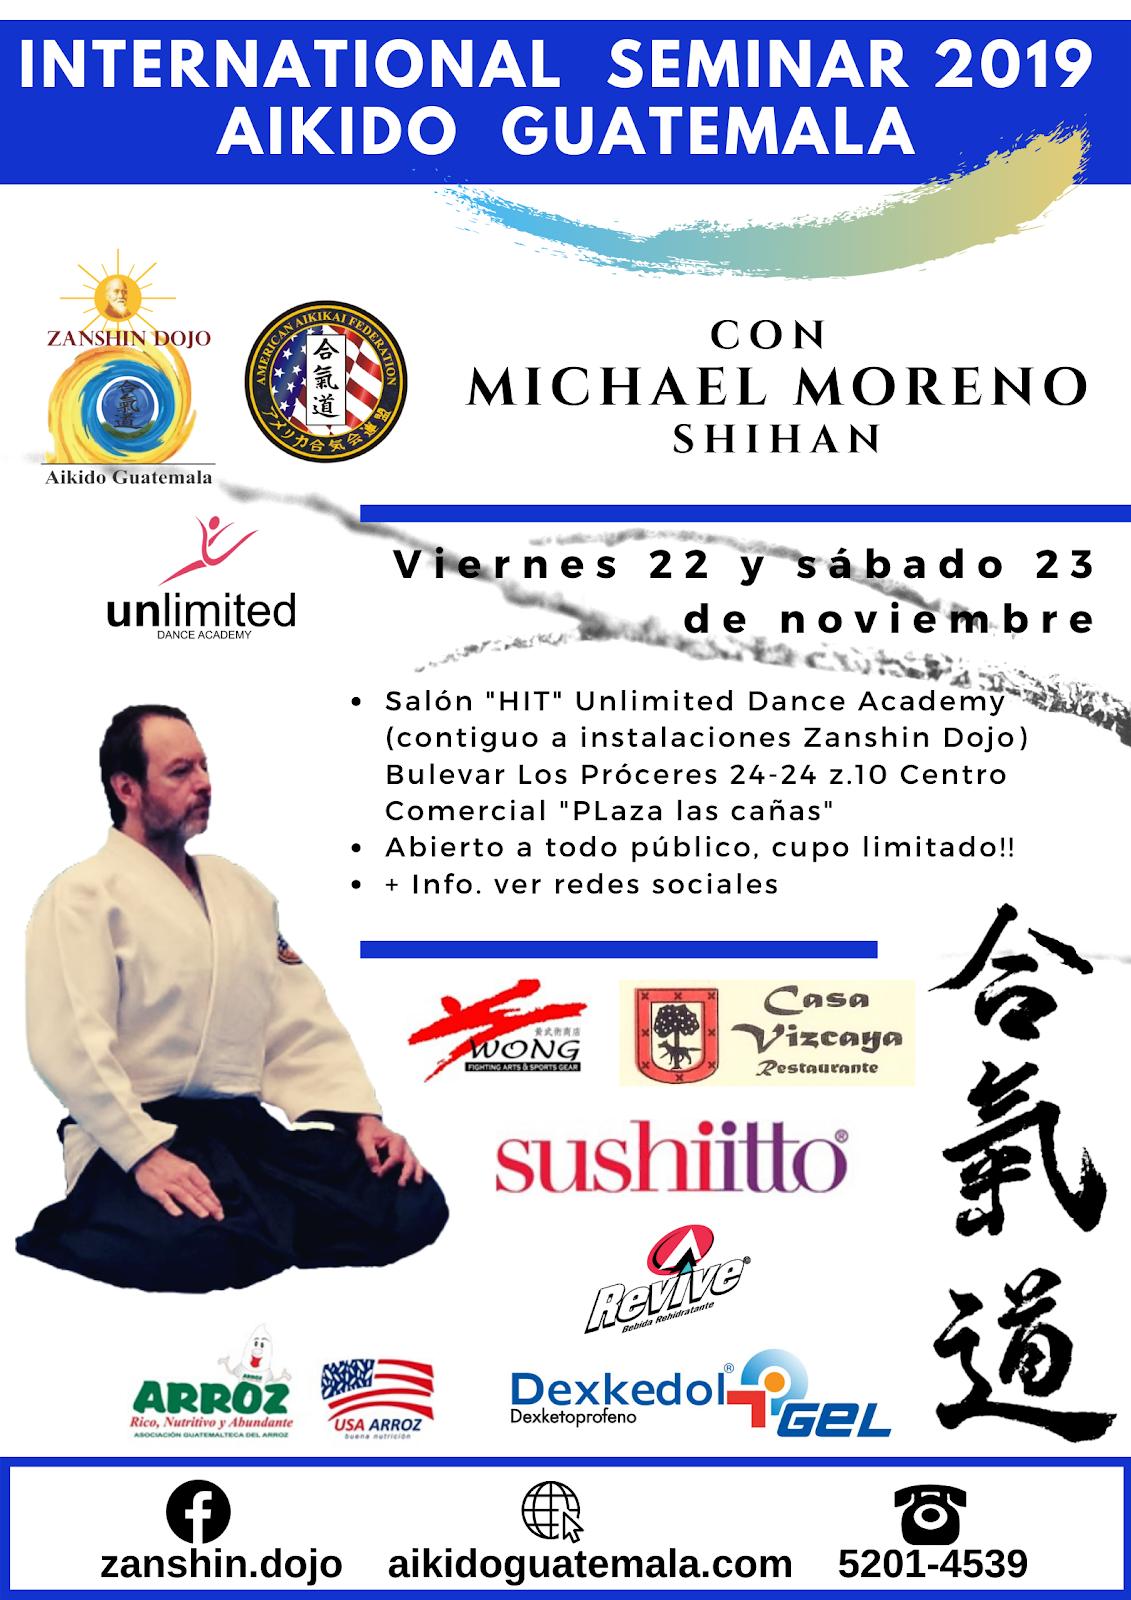 Afiche 17vo. Seminario Zanshin Dojo Aikido Guatemala